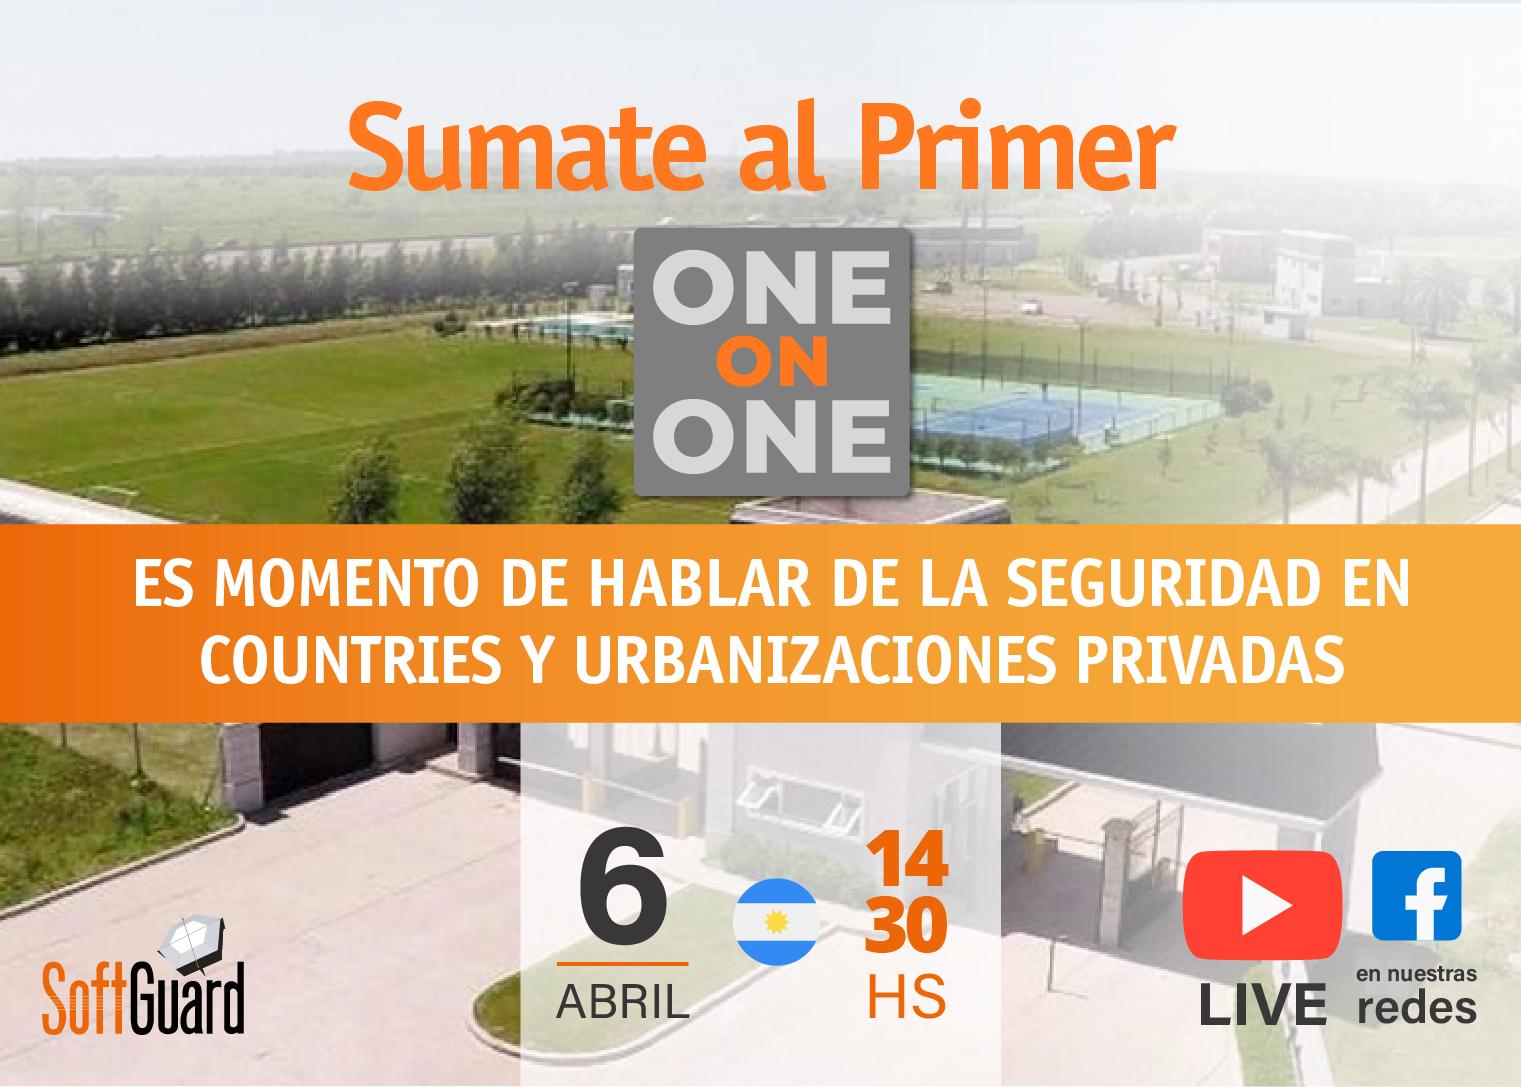 ONE ON ONE - EPISODIO 1:  SEGURIDAD EN COUNTRIES Y URBANIZACIONES PRIVADAS